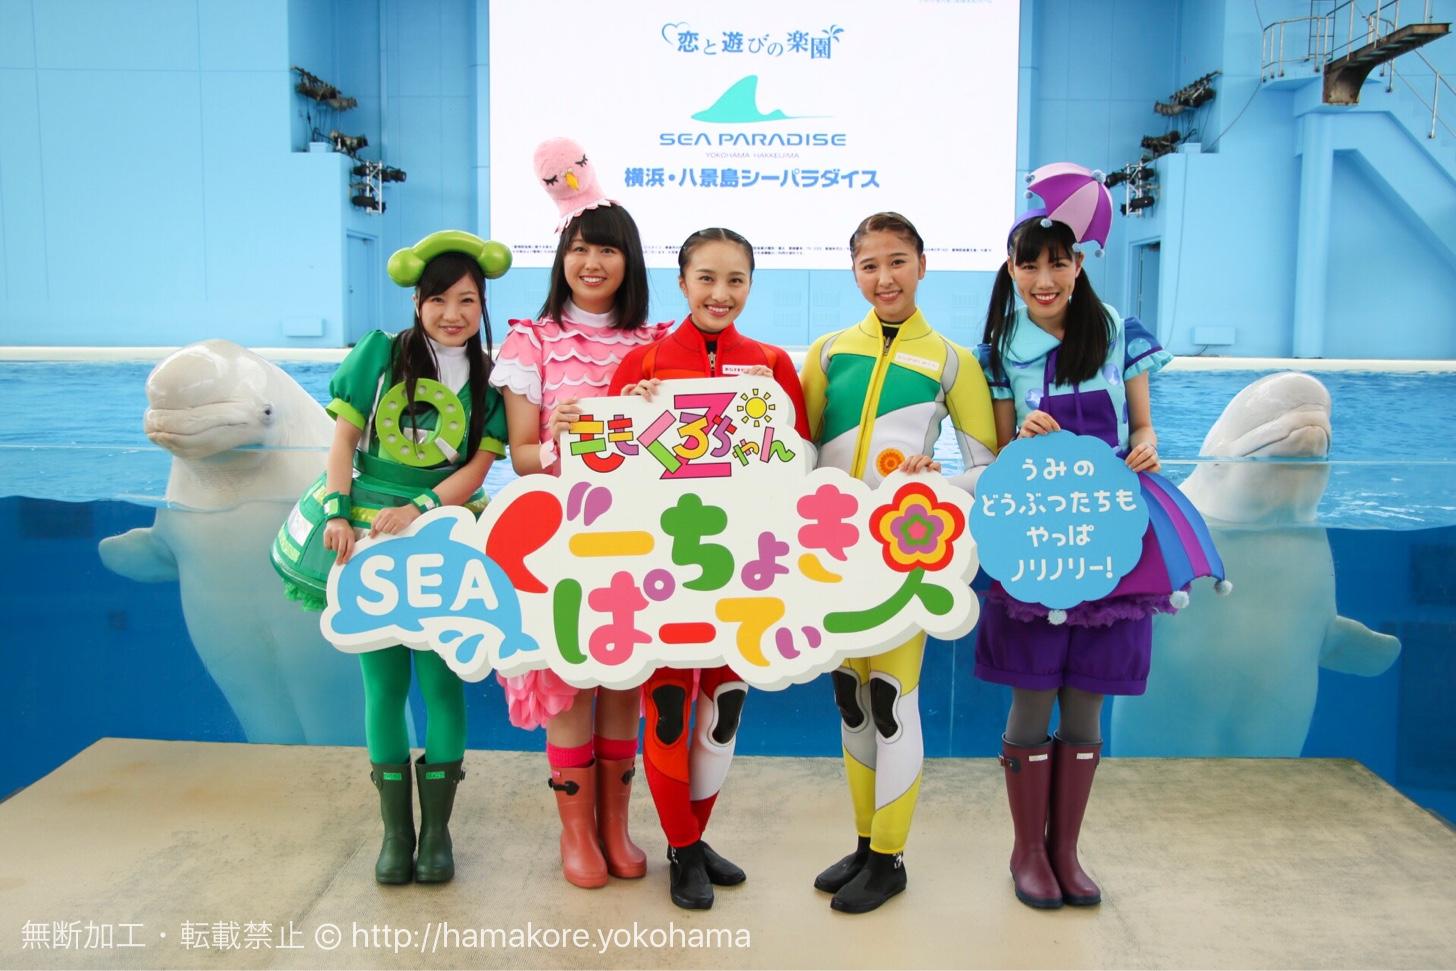 横浜・八景島シーパラダイスにももくろちゃんZが登場!4月28日より海の動物たちのショーが一新